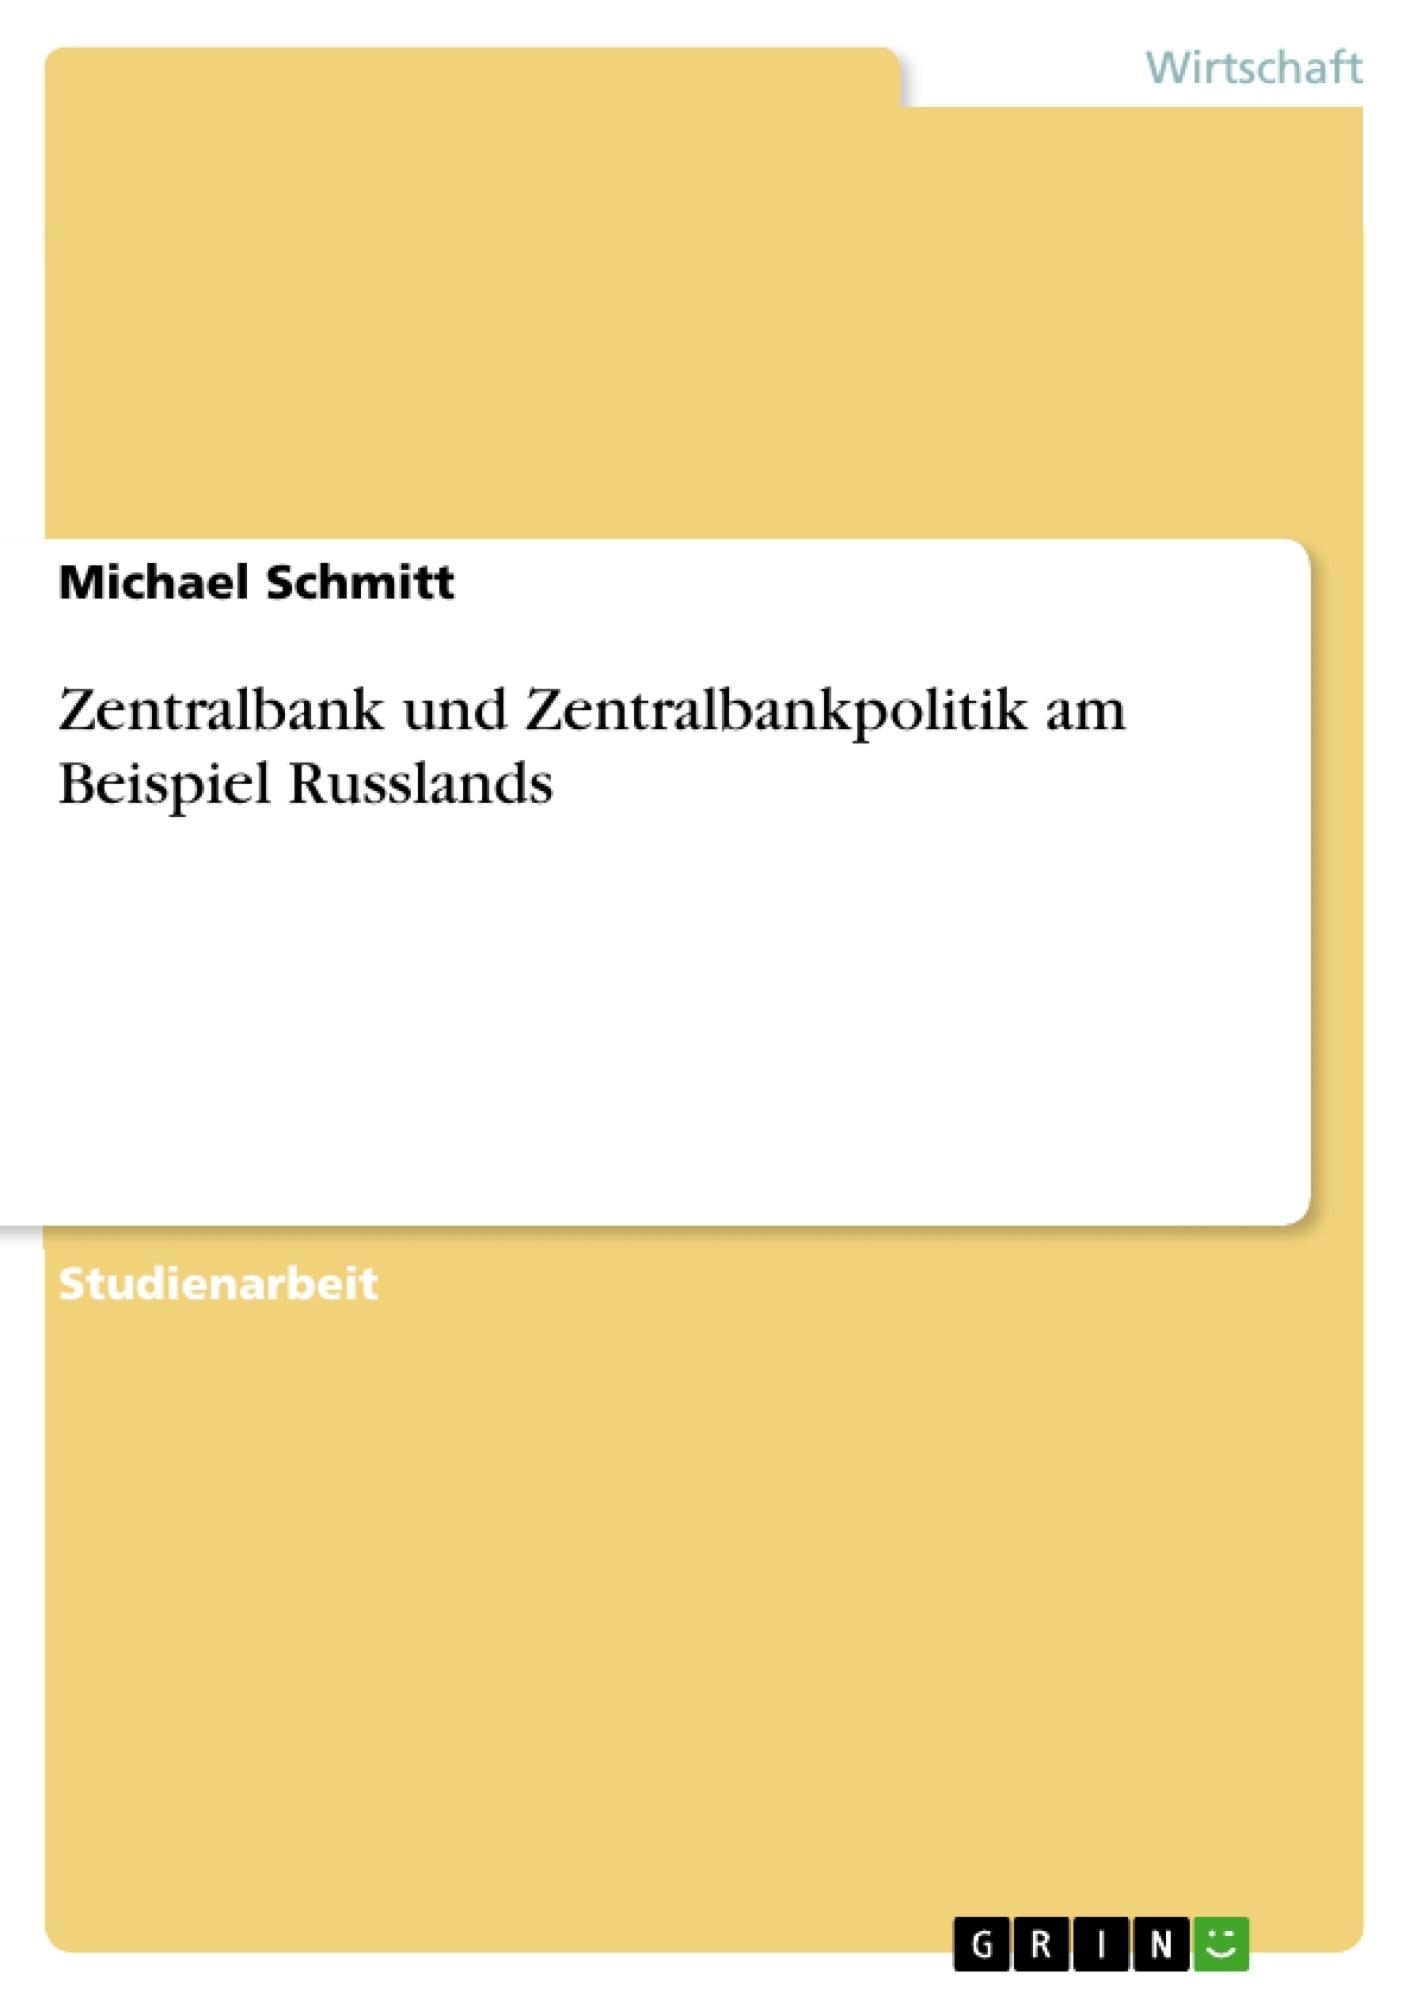 Titel: Zentralbank und Zentralbankpolitik am Beispiel Russlands